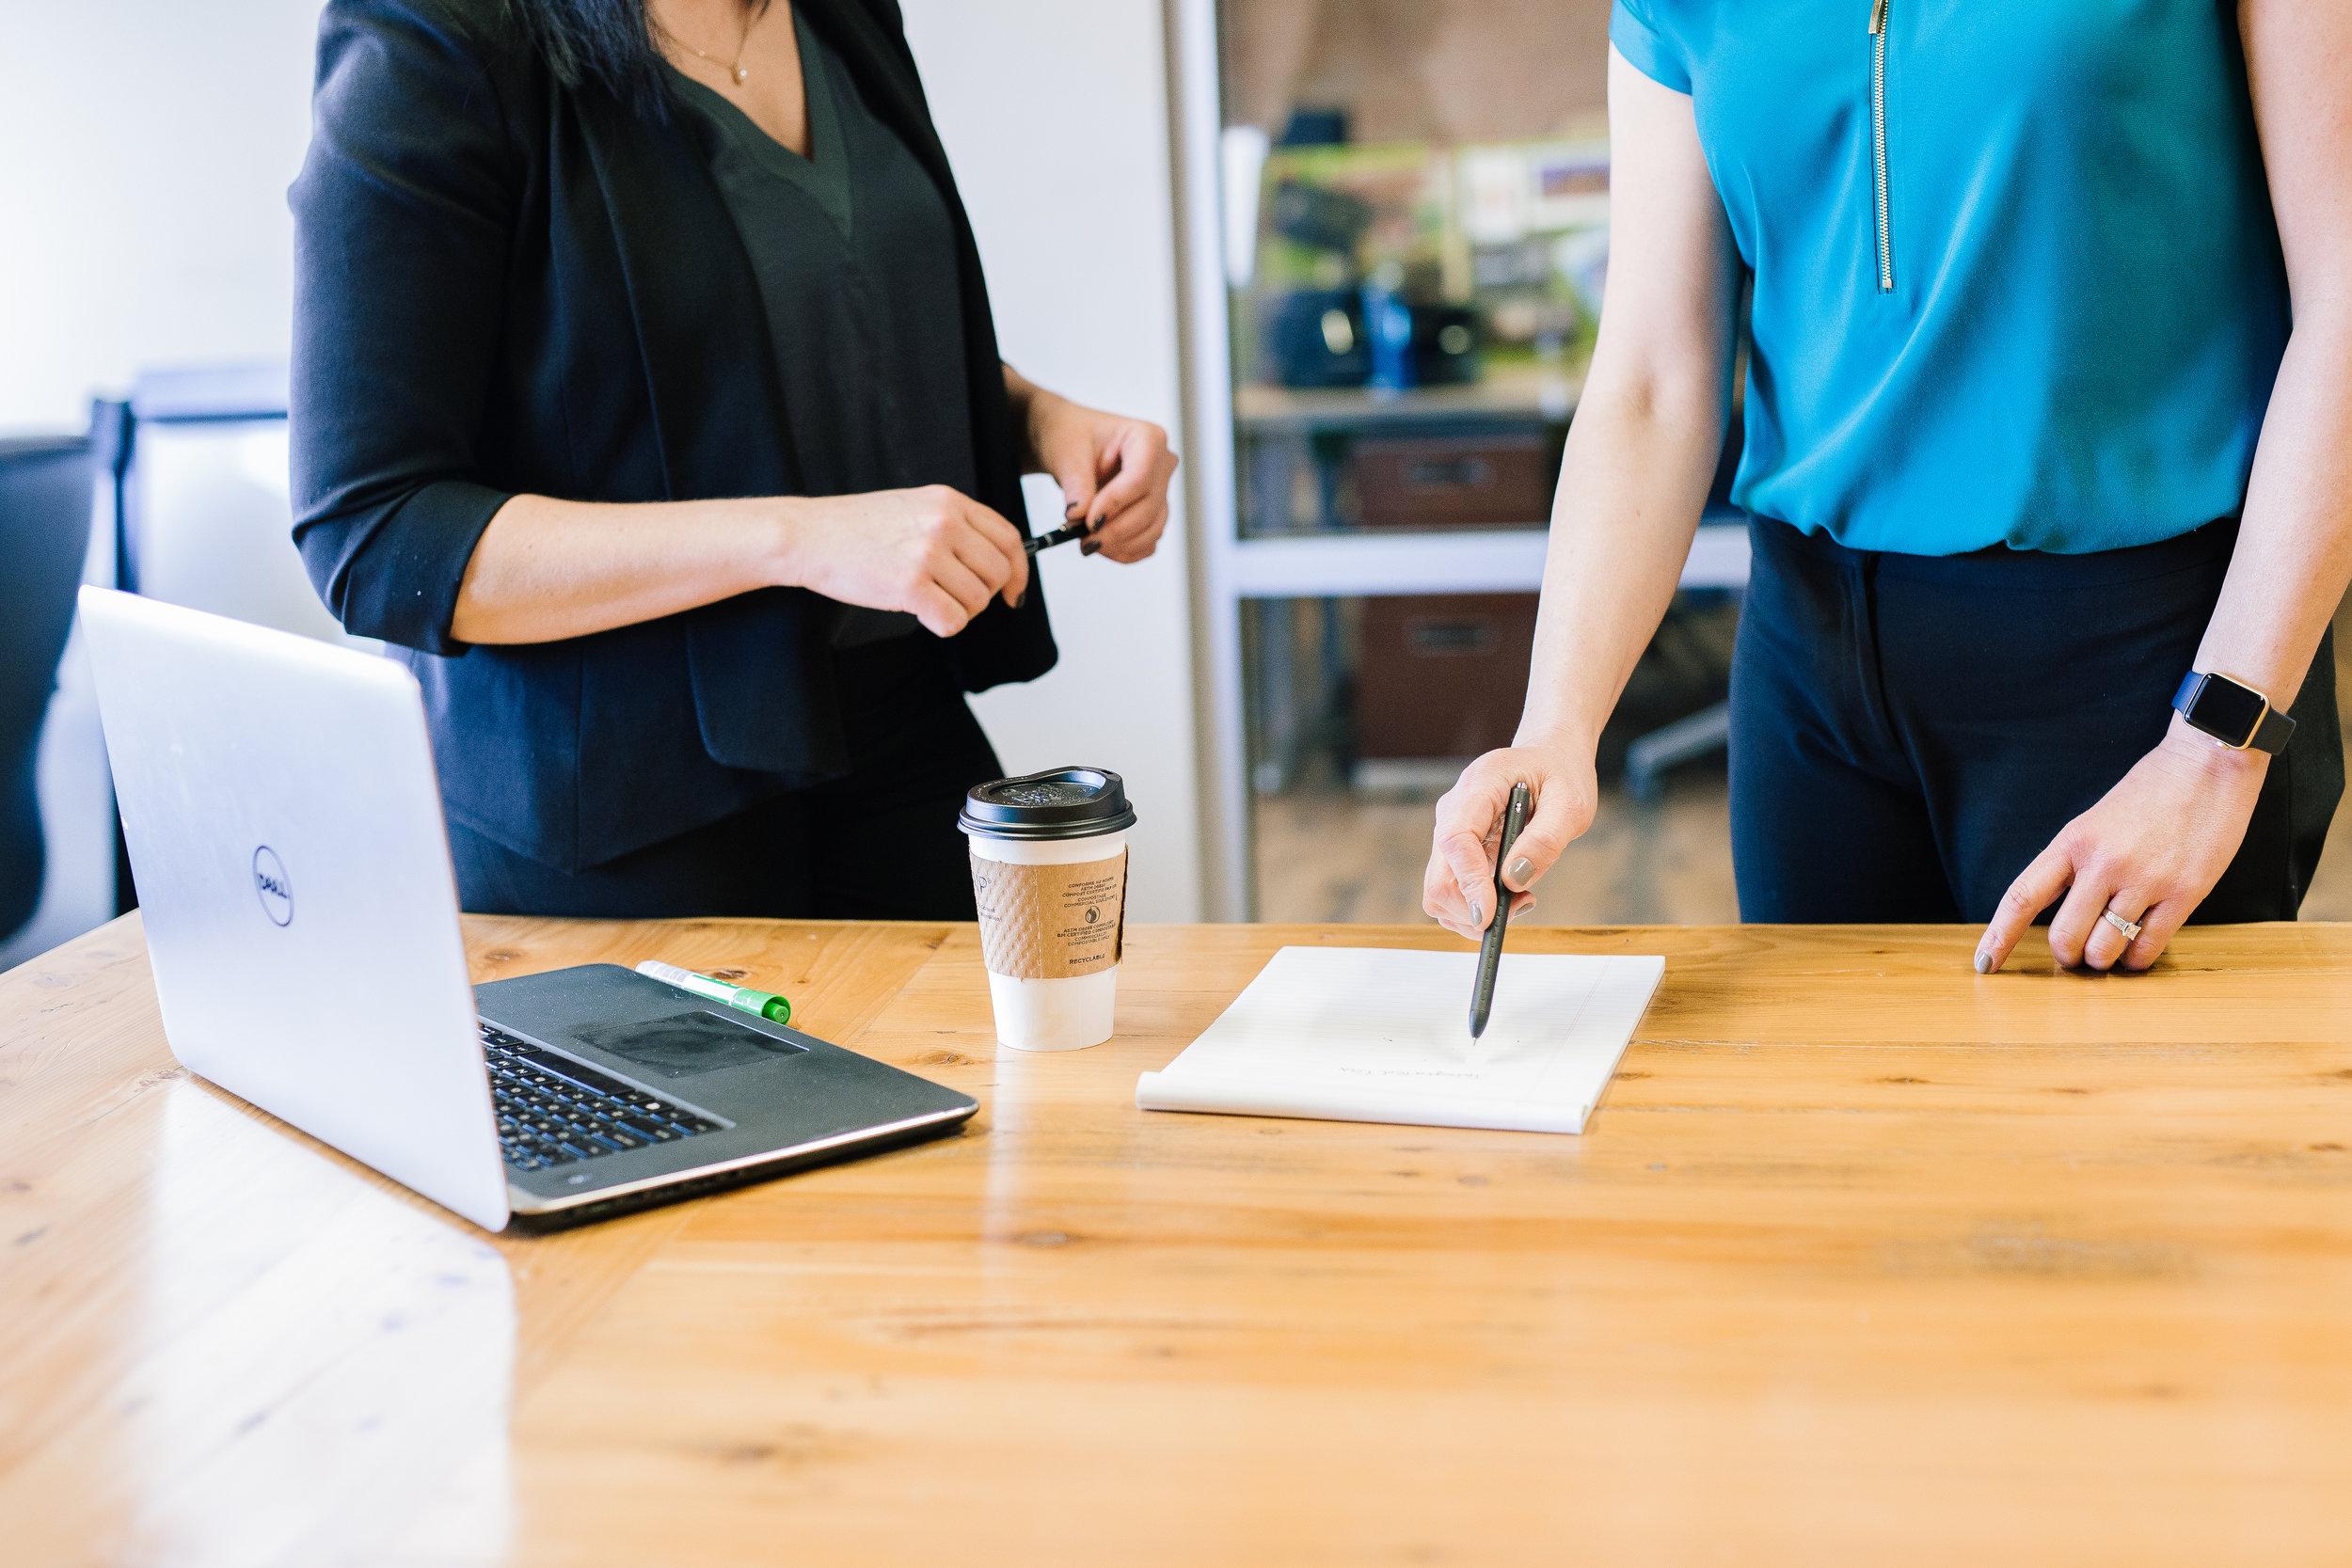 Los mejores líderes son innovadores y visionarios; son capaces de identificar oportunidades para la empresa y crear un ambiente que estimule la creatividad e impulse la productividad.